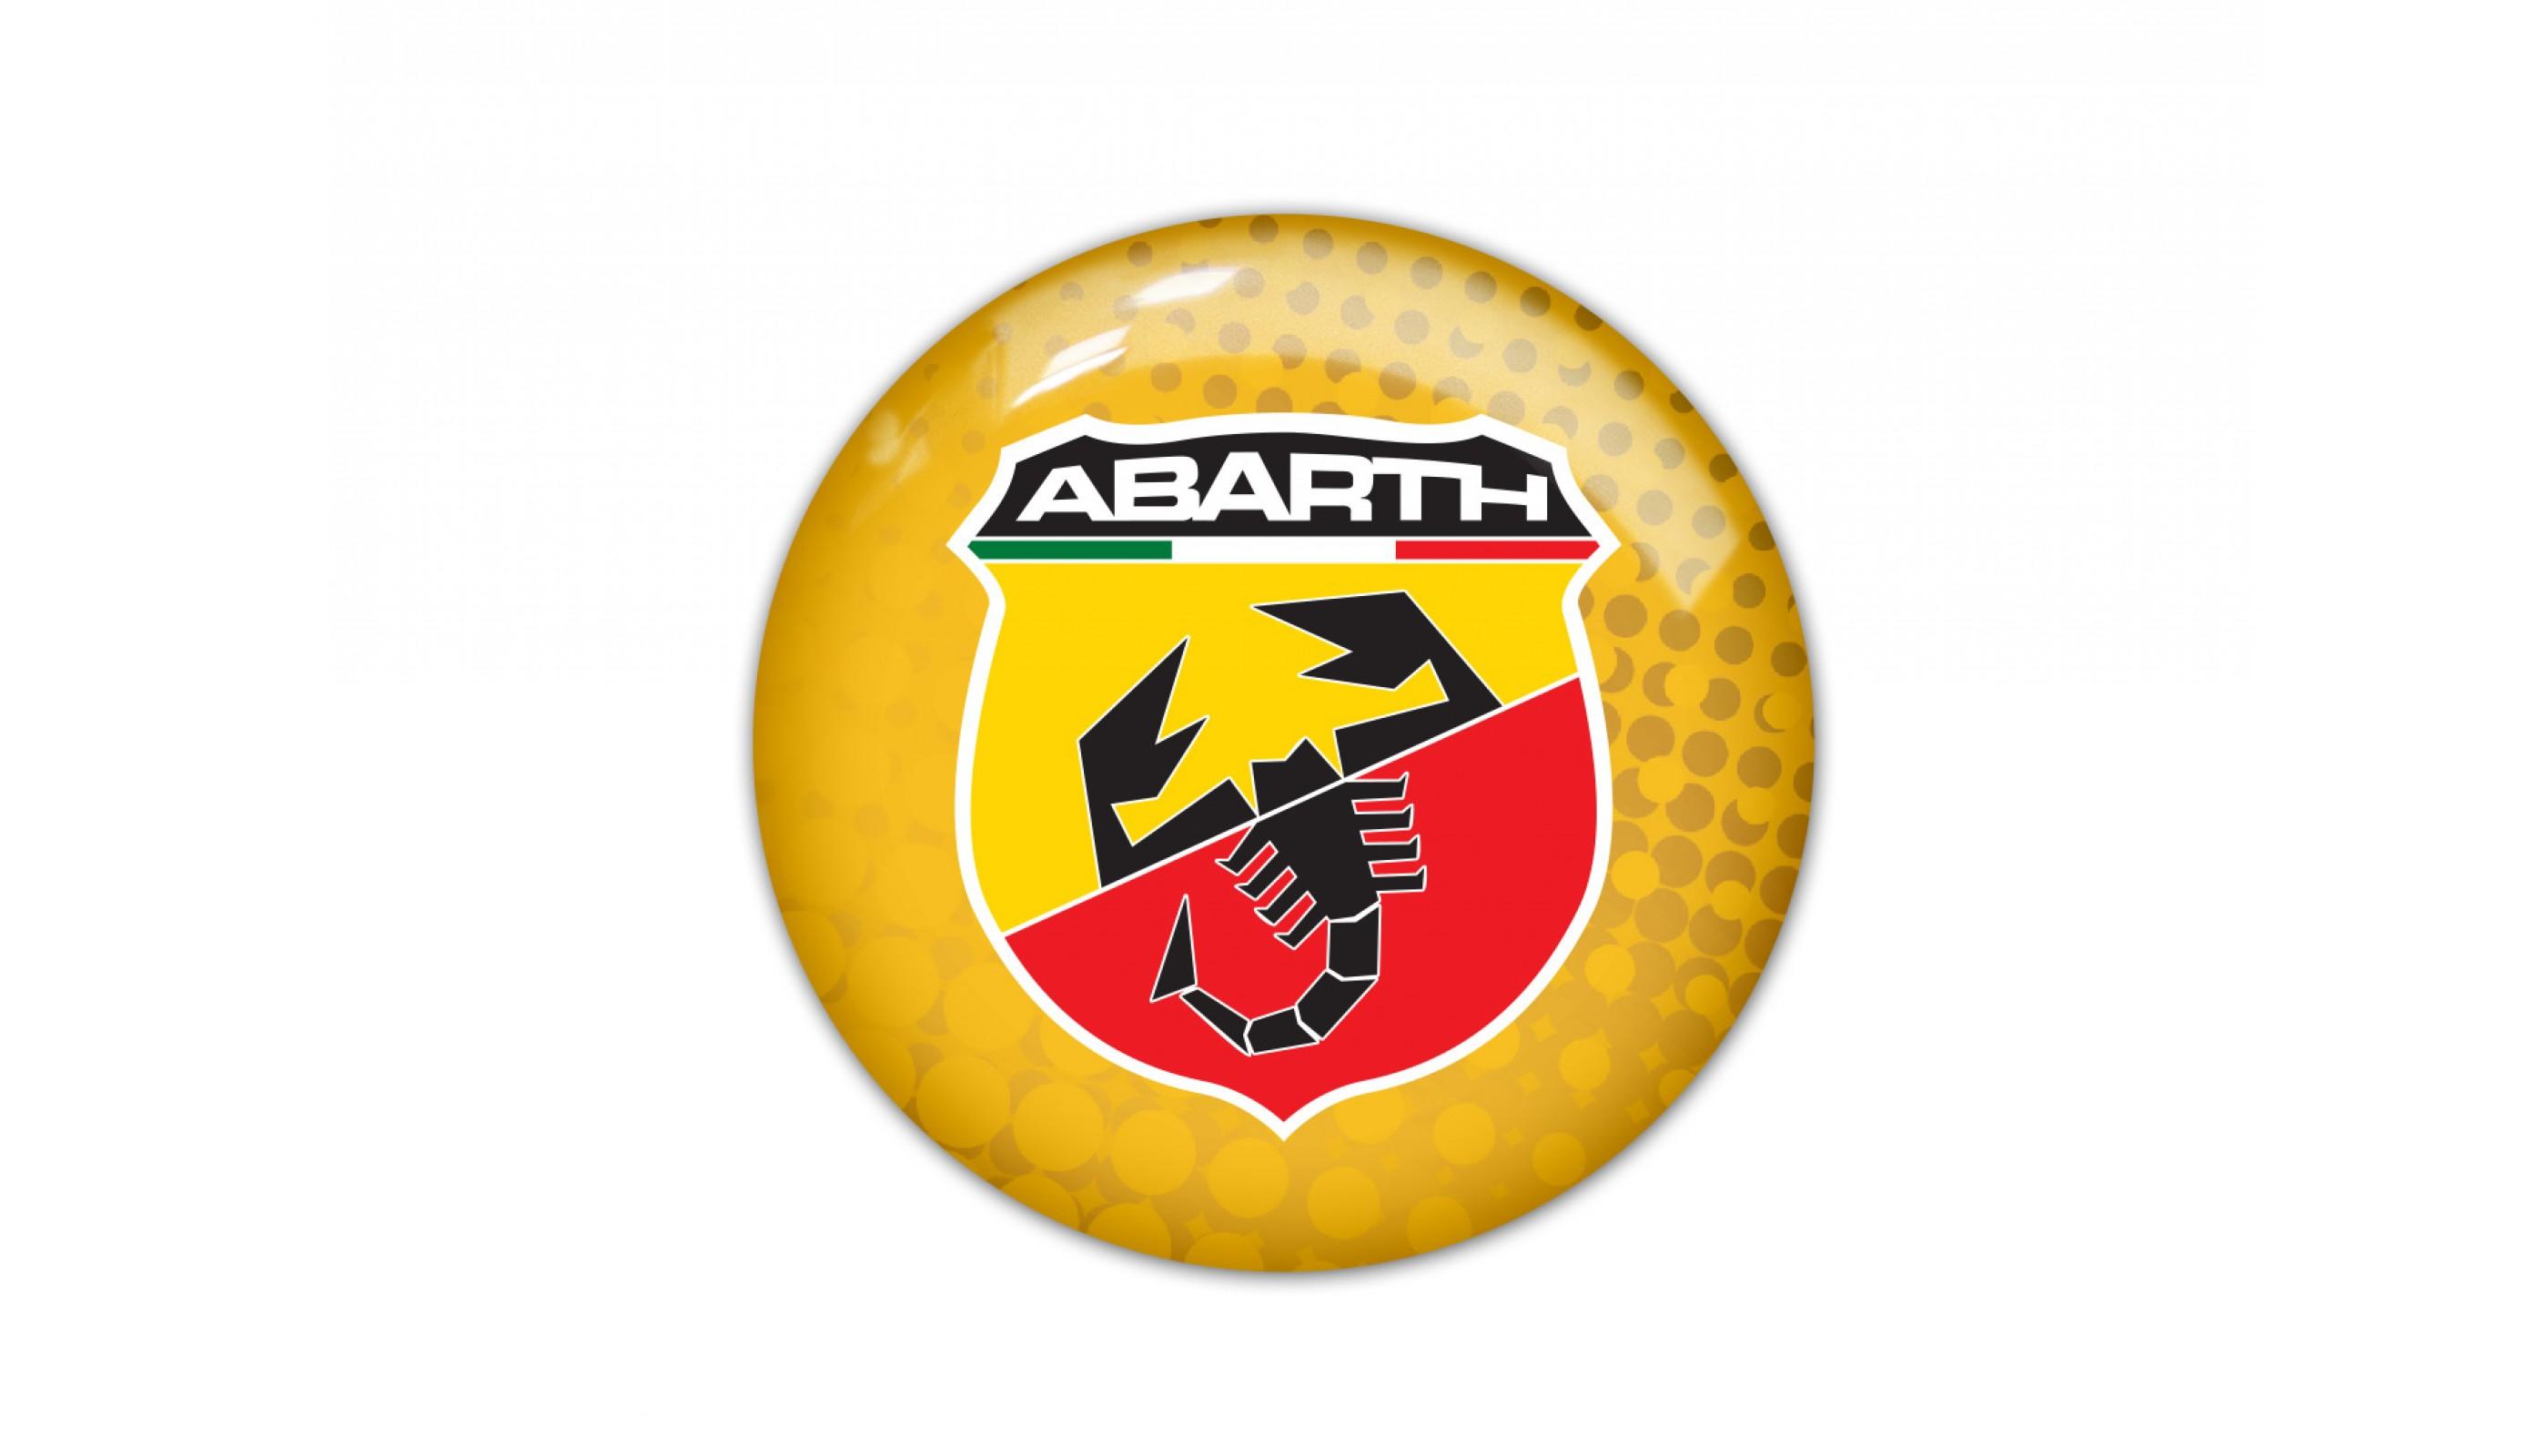 Abarth round yellow